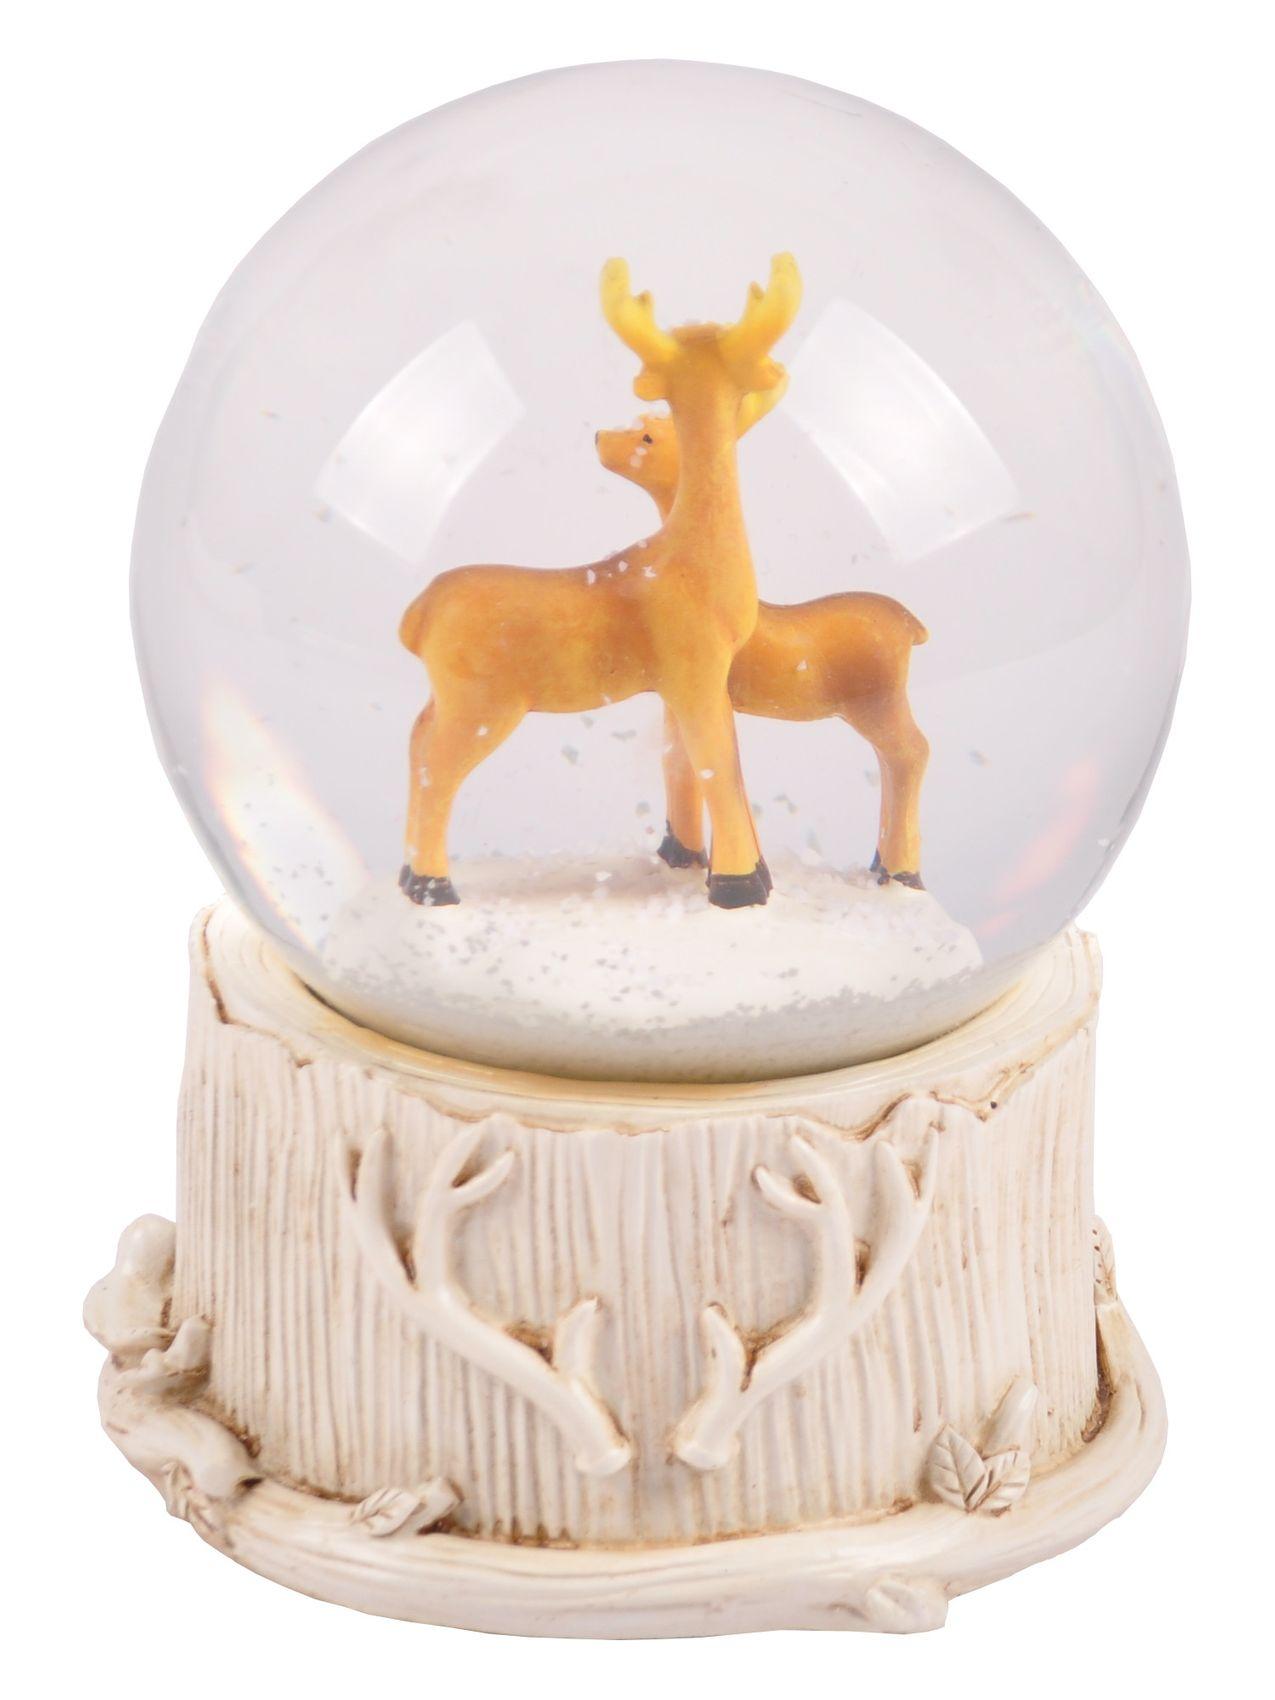 Weihnachtsdeko Schneekugel.Schneekugel Mit Weihnachtsmusik Spieluhr Weihnachtsdeko Winterdeko Hirsche